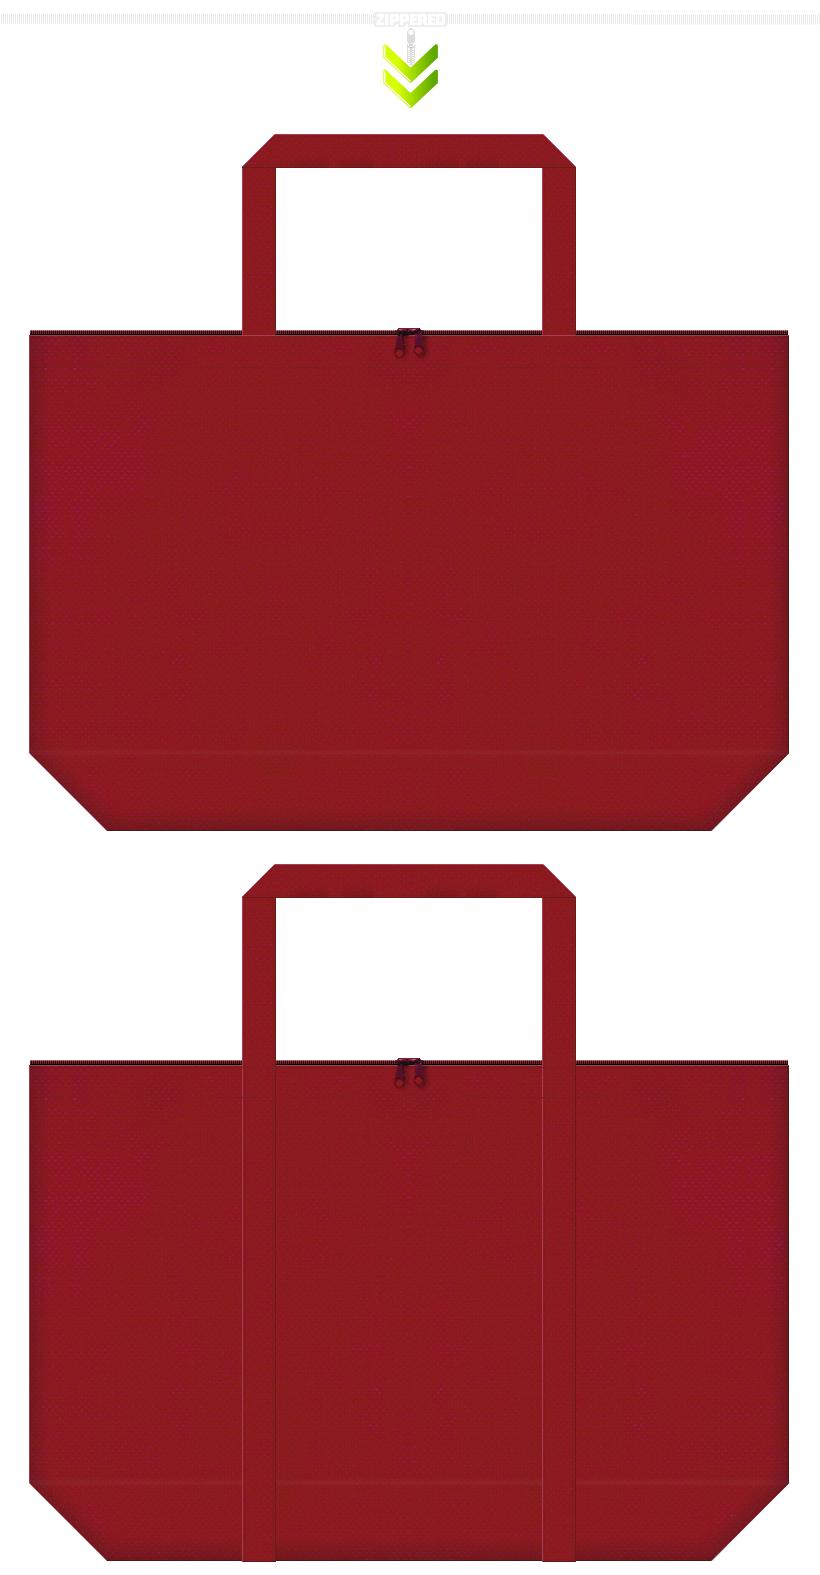 ファースナー付きのエンジ色不織布バッグ